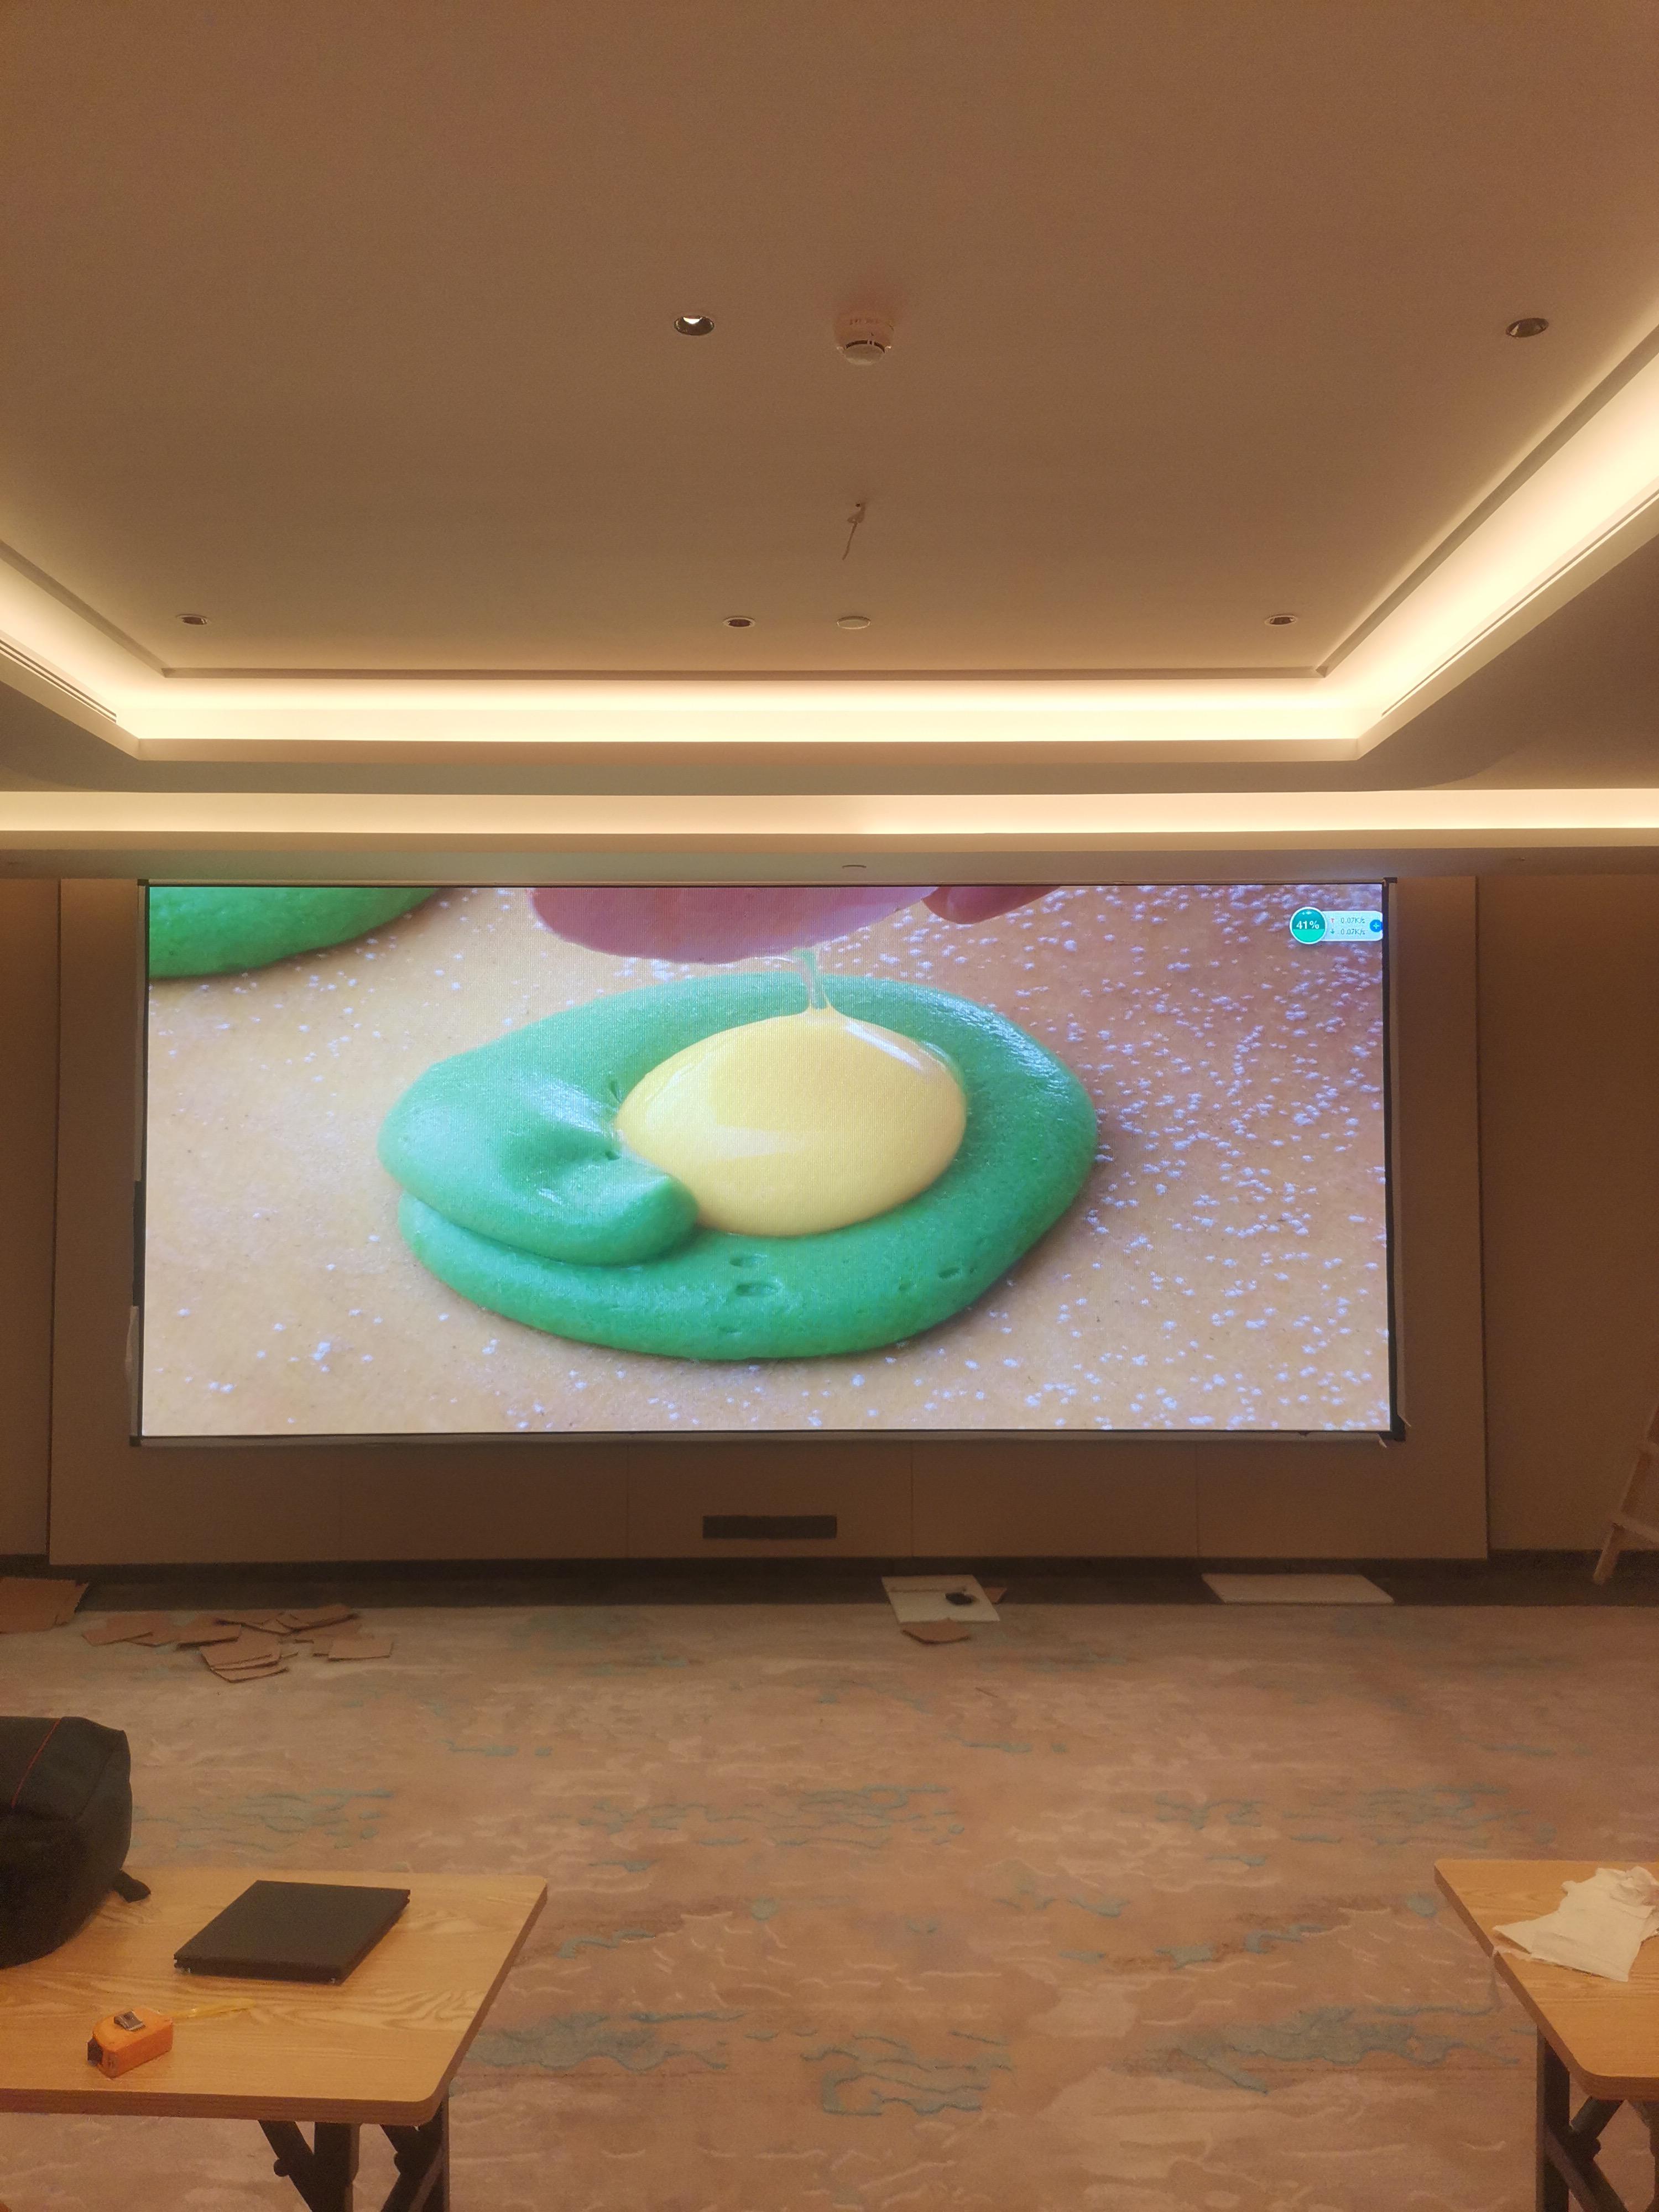 酒店宴会厅/多功能厅的led全彩显示屏如何选择